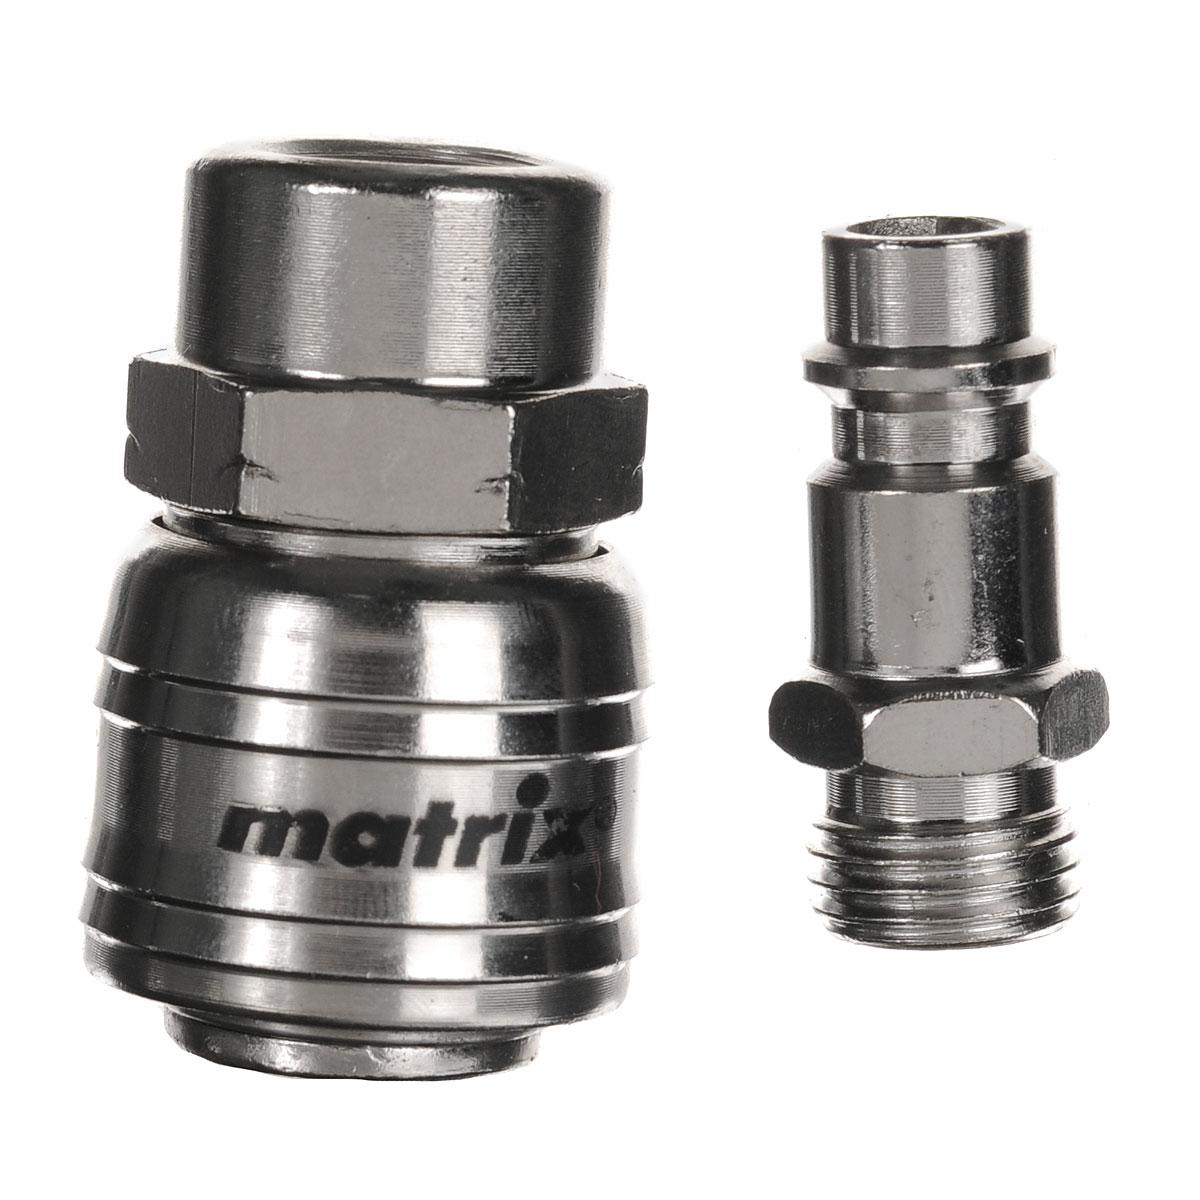 Набор переходников Matrix, внутренний диаметр 1/4, 2 шт57016Переходники Matrix изготовлены из высококачественного металла. Они применяются для обеспечения соединения разного типа креплений (резьбовых и быстросъемных).